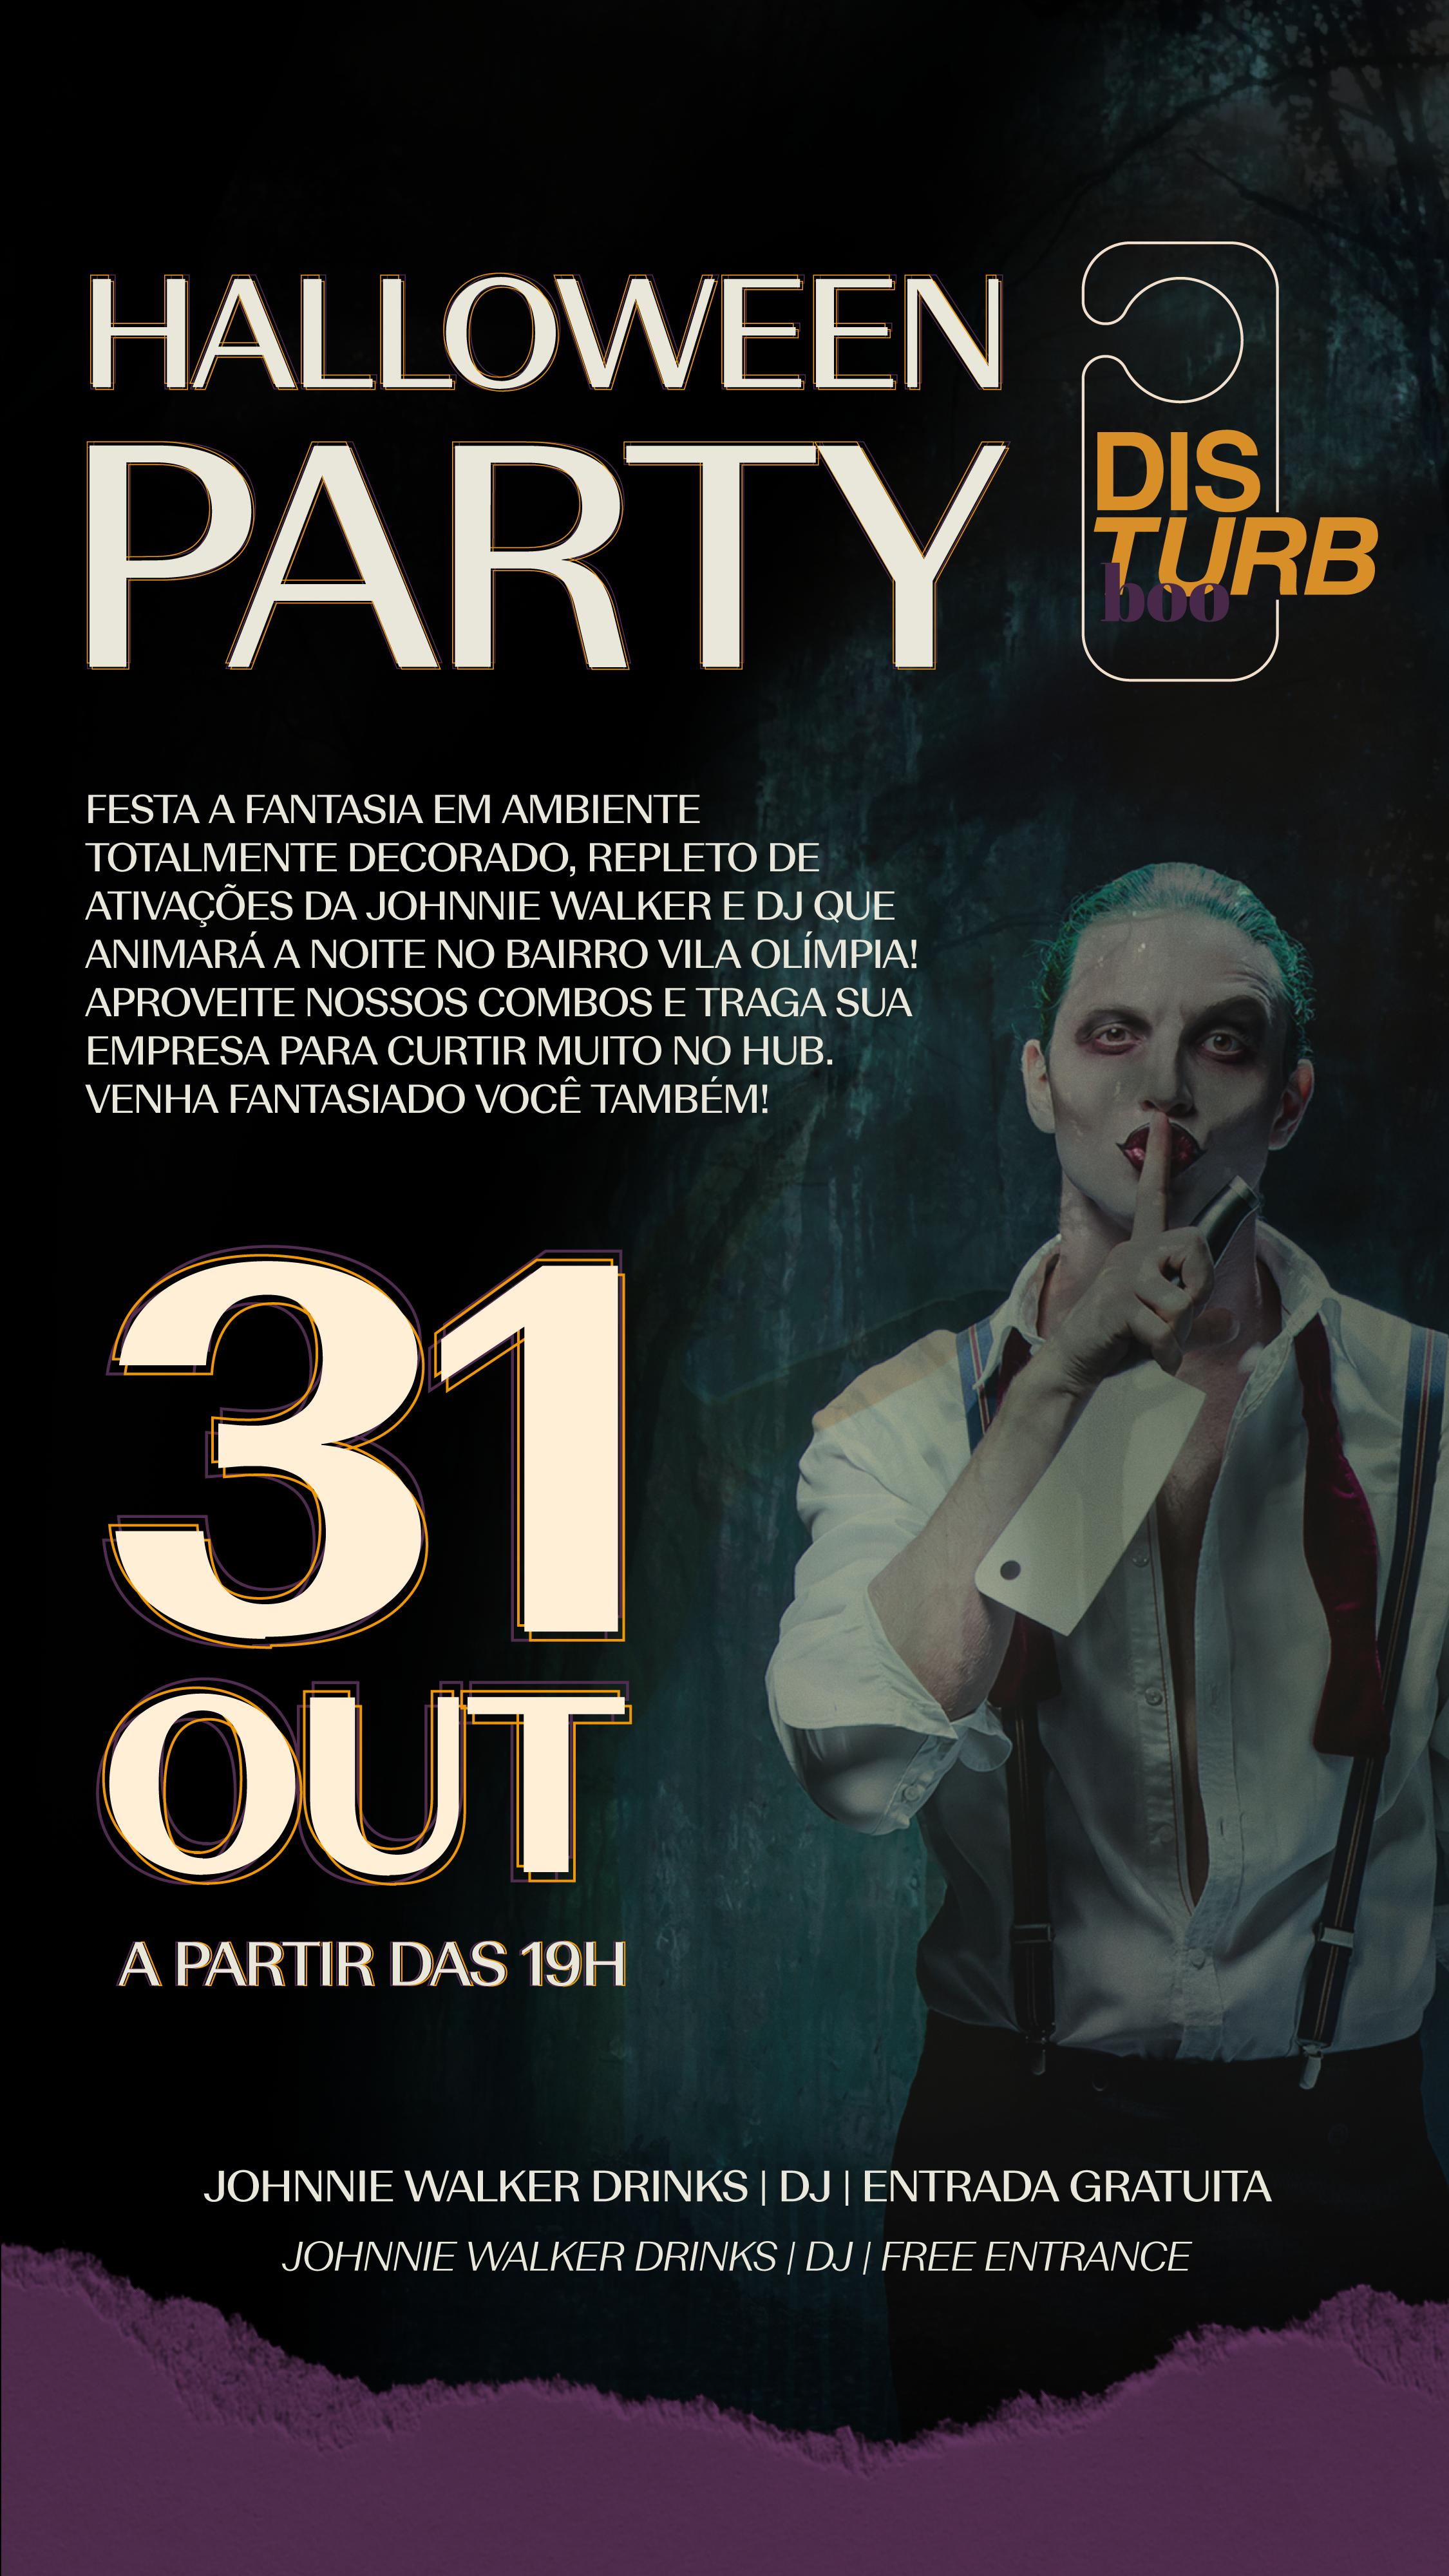 Disturb Boo - Halloween Party na Vila Olímpia em São Paulo